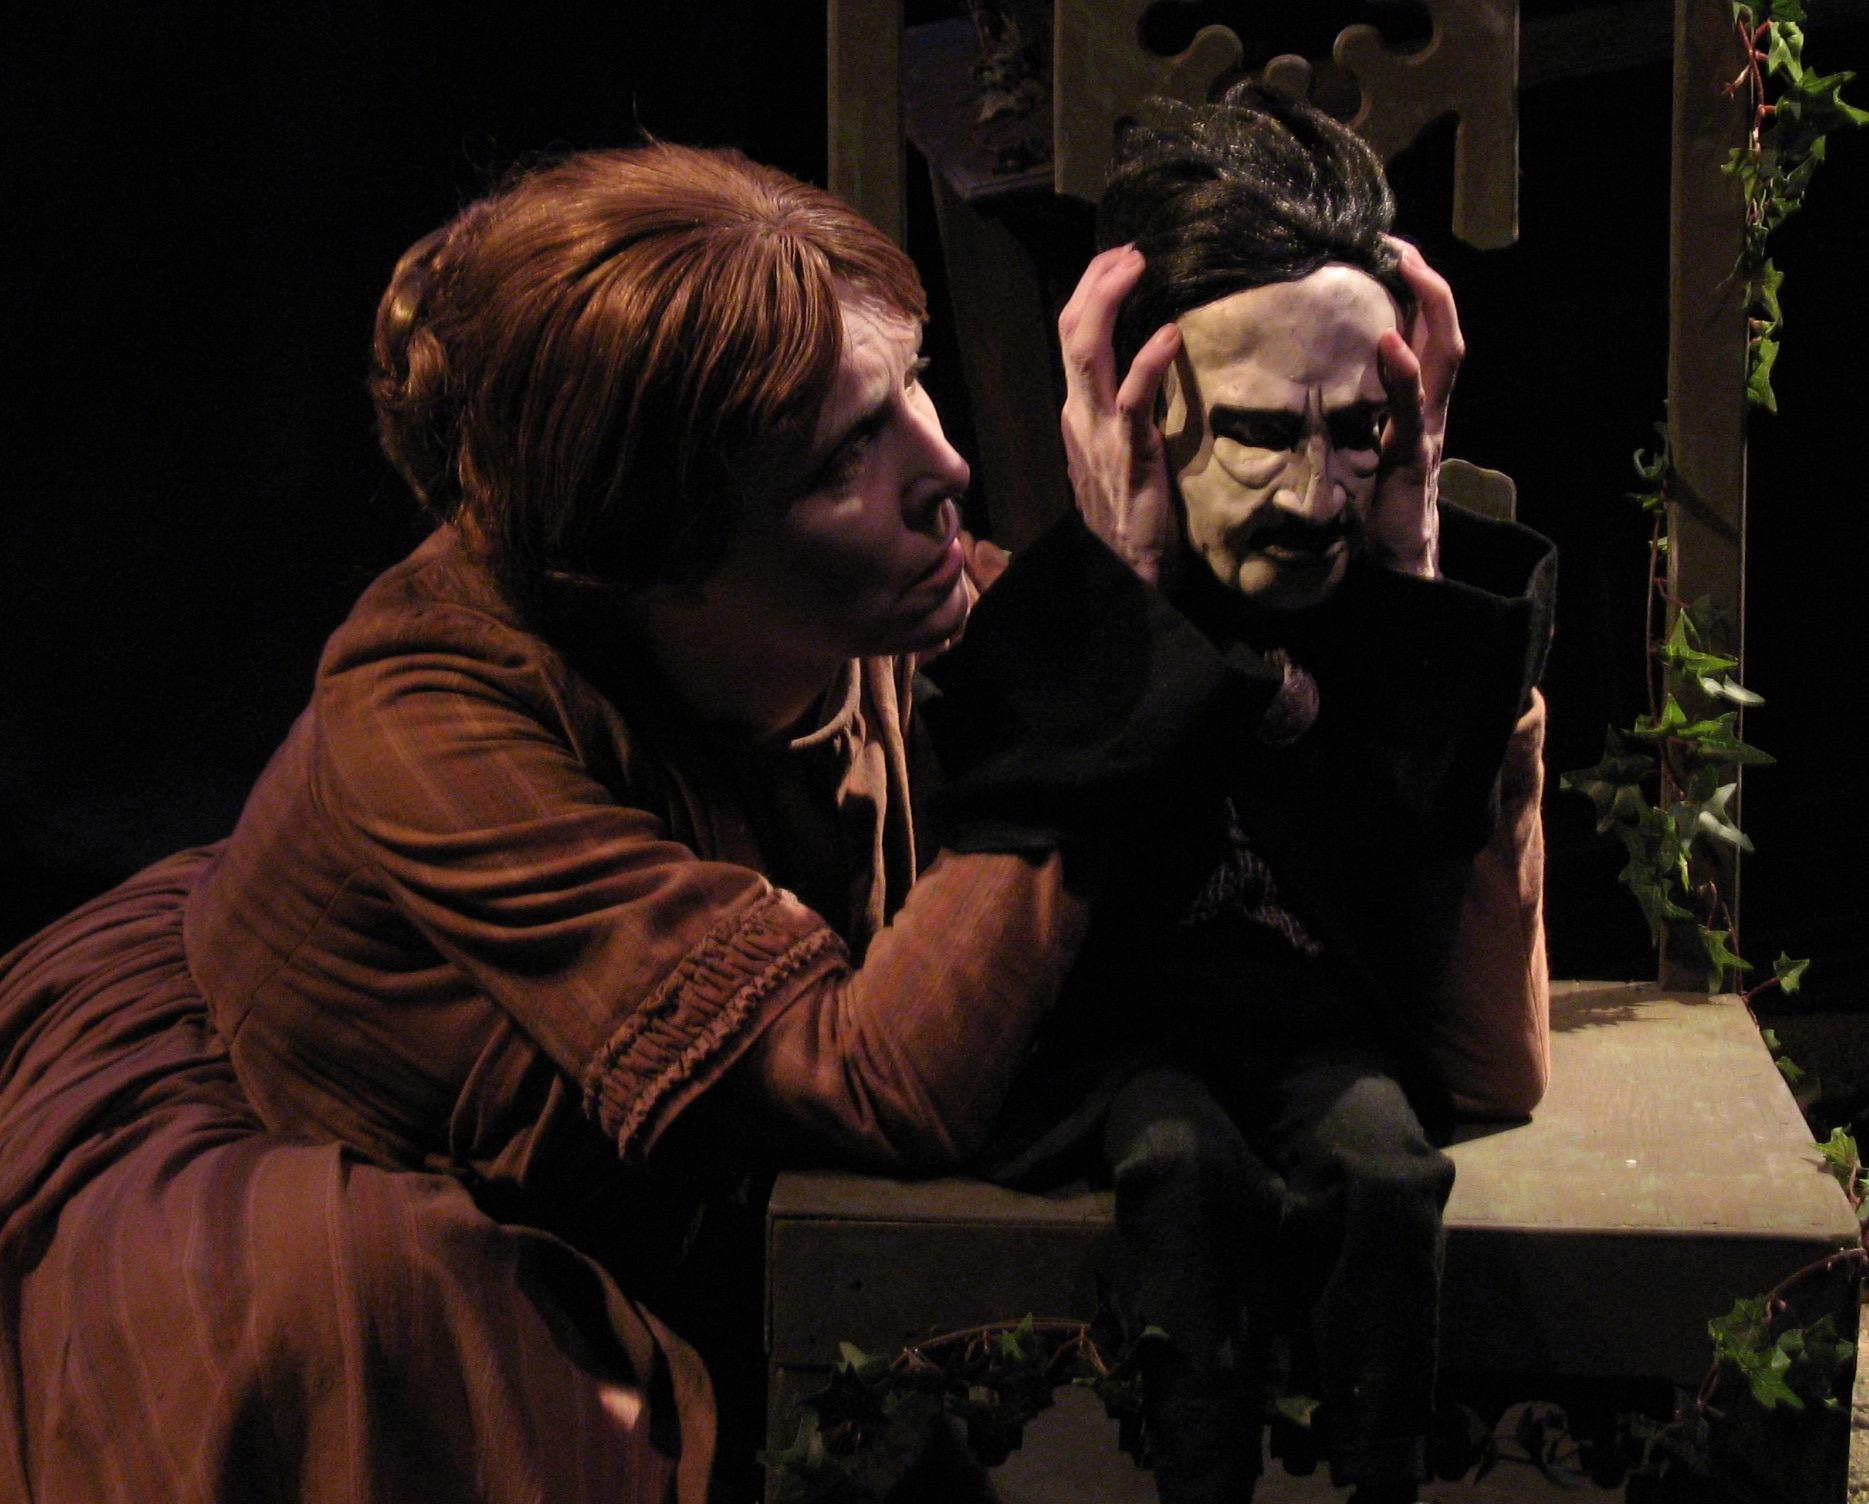 Puppeteer, Tales of Edgar Allan Poe